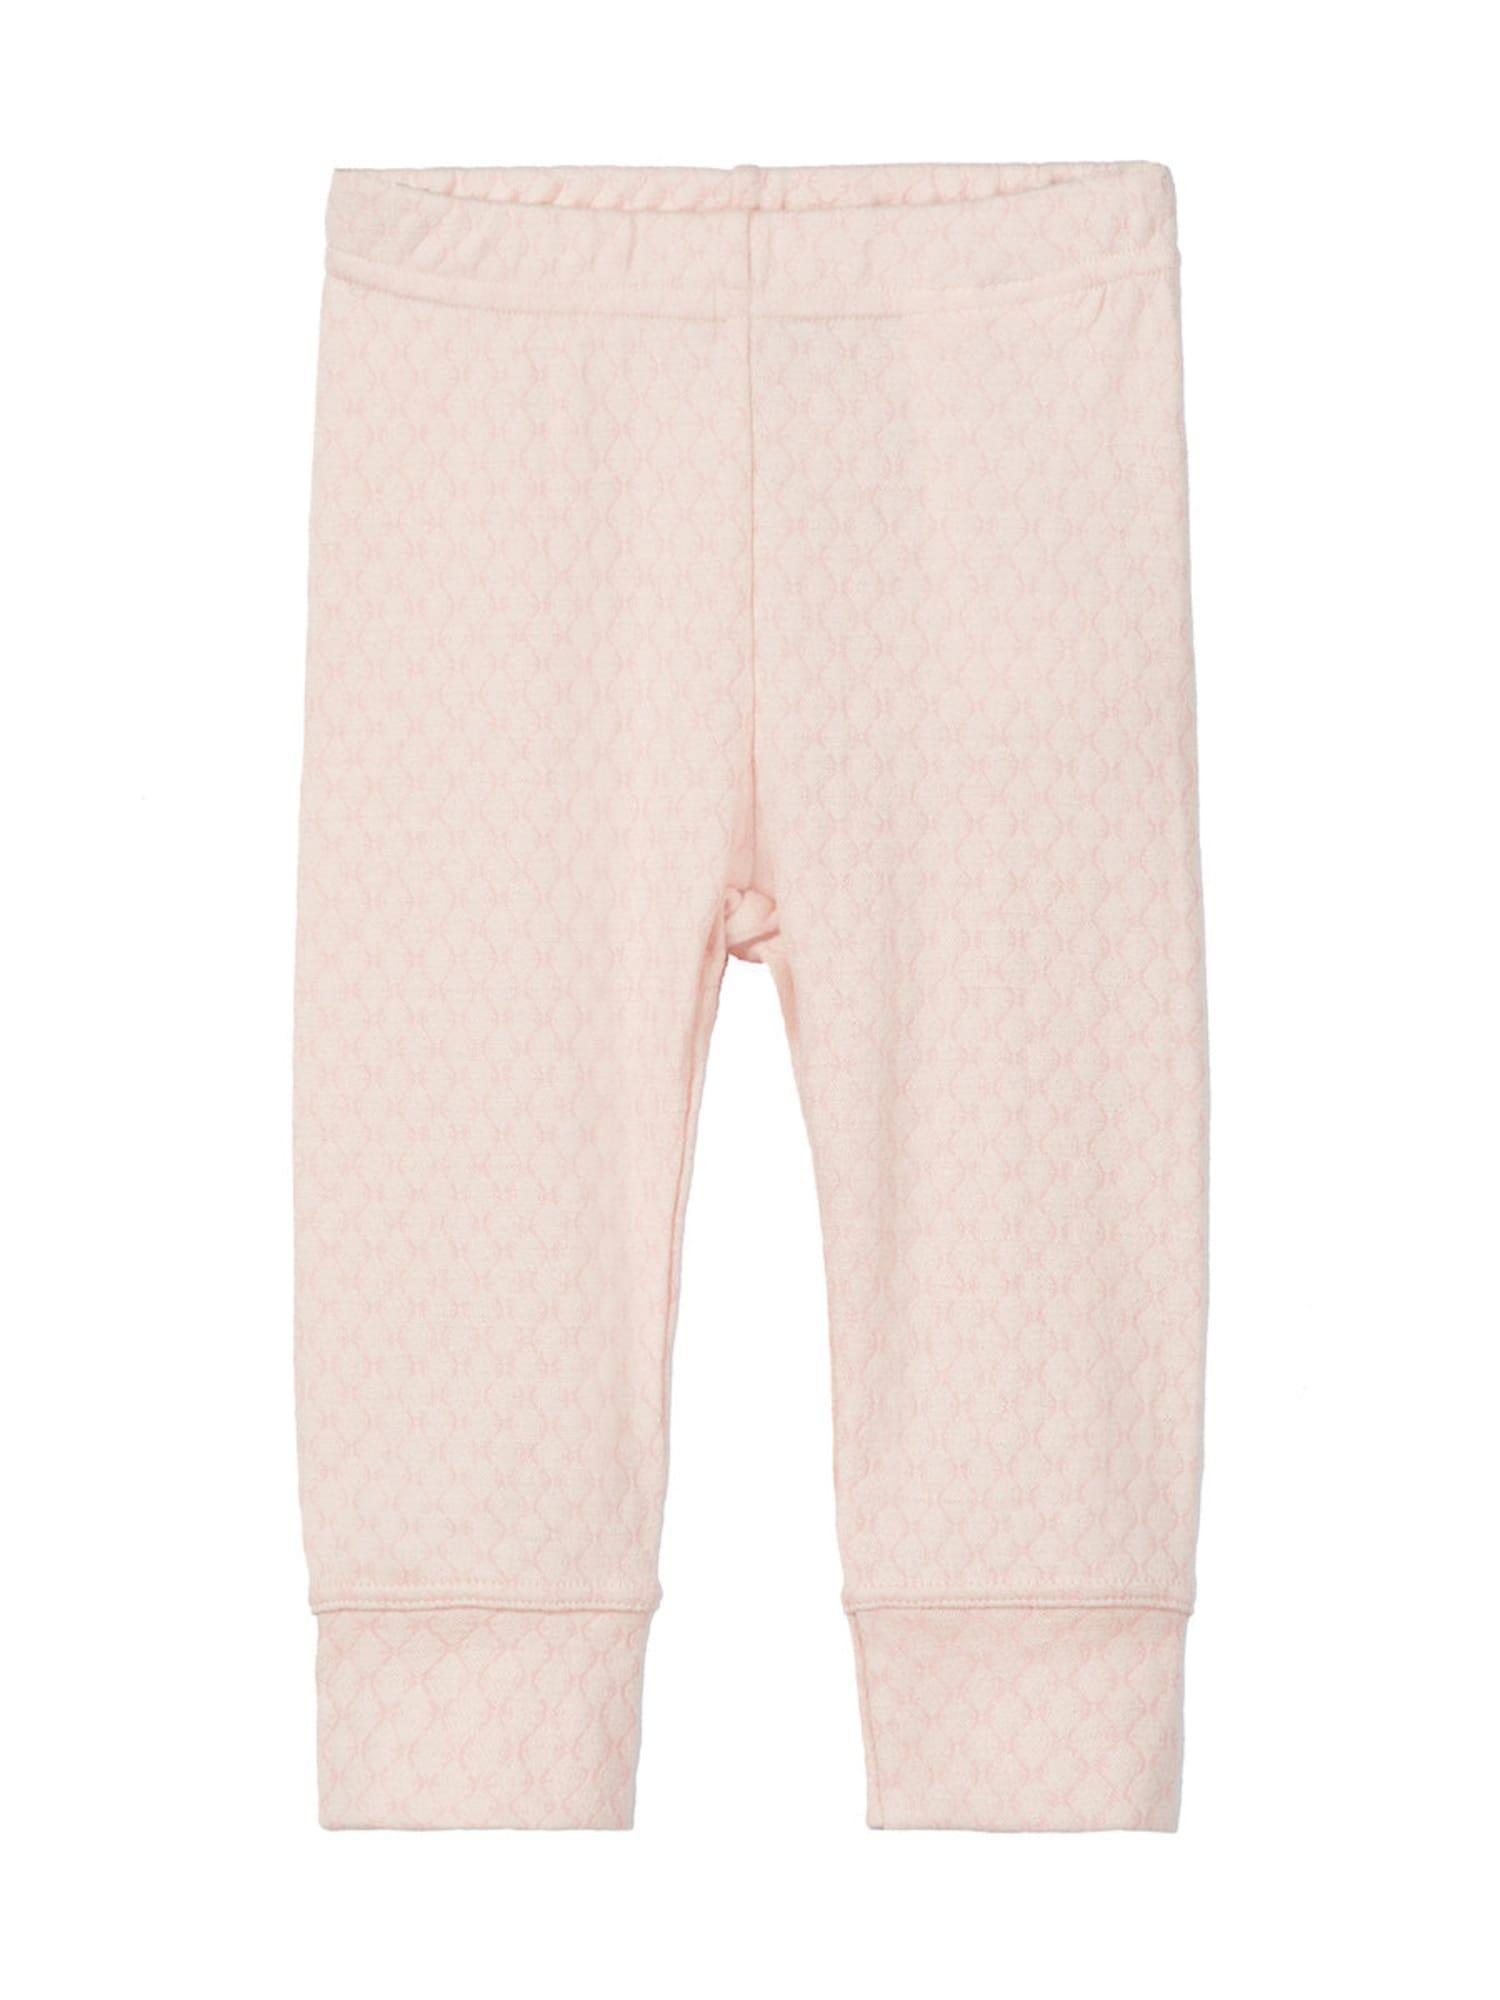 NAME IT Baby Wollen-zijde Legging Roze